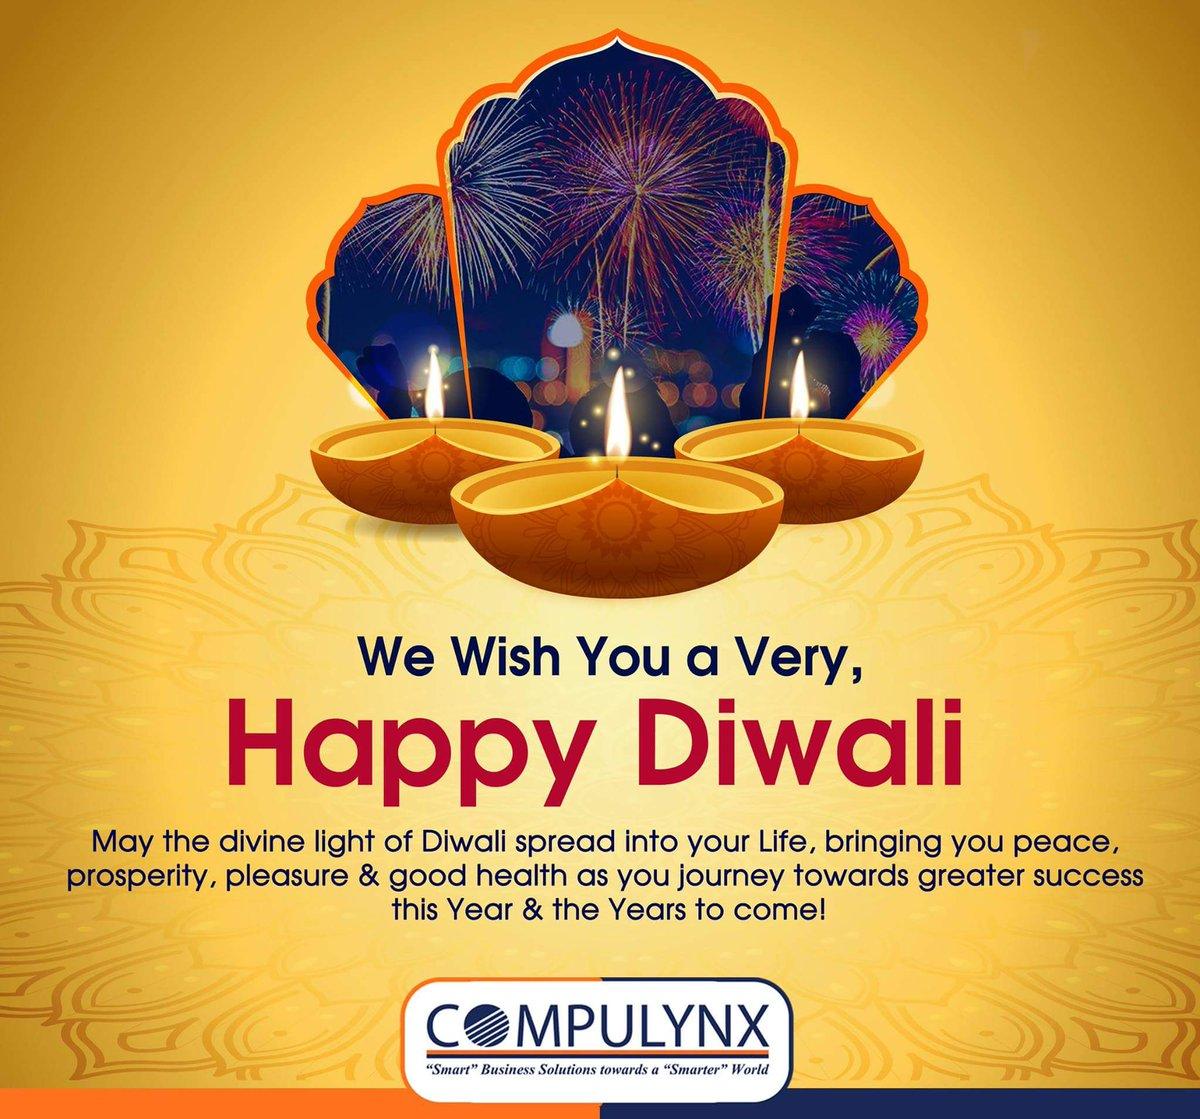 Compulynx On Twitter Compulynx Wishes Everyone A Happy Diwali